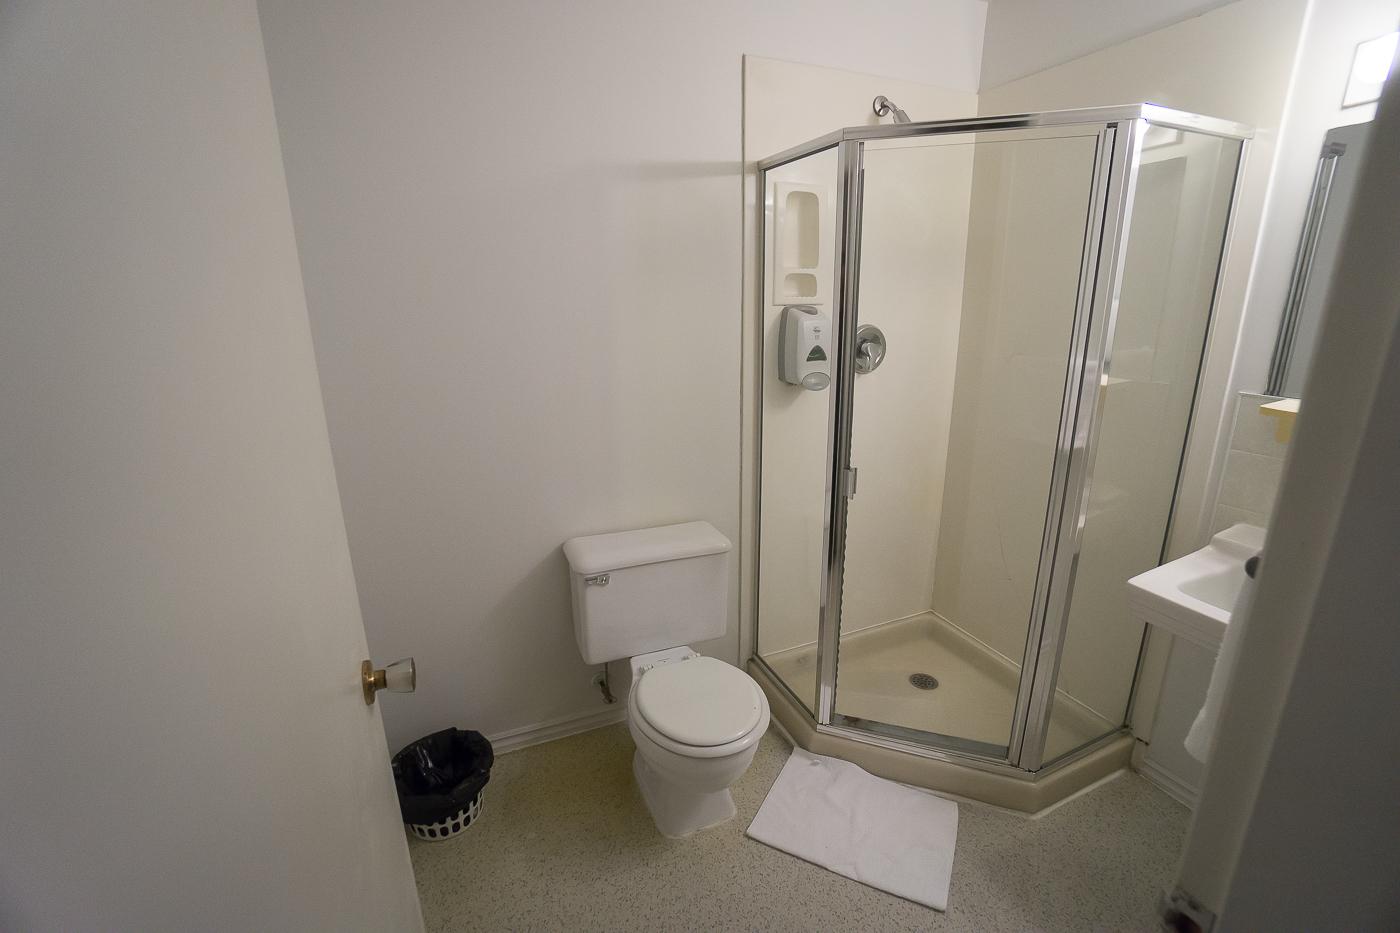 Salle de bains à l'auberge de jeunesse HI Vancouver Central